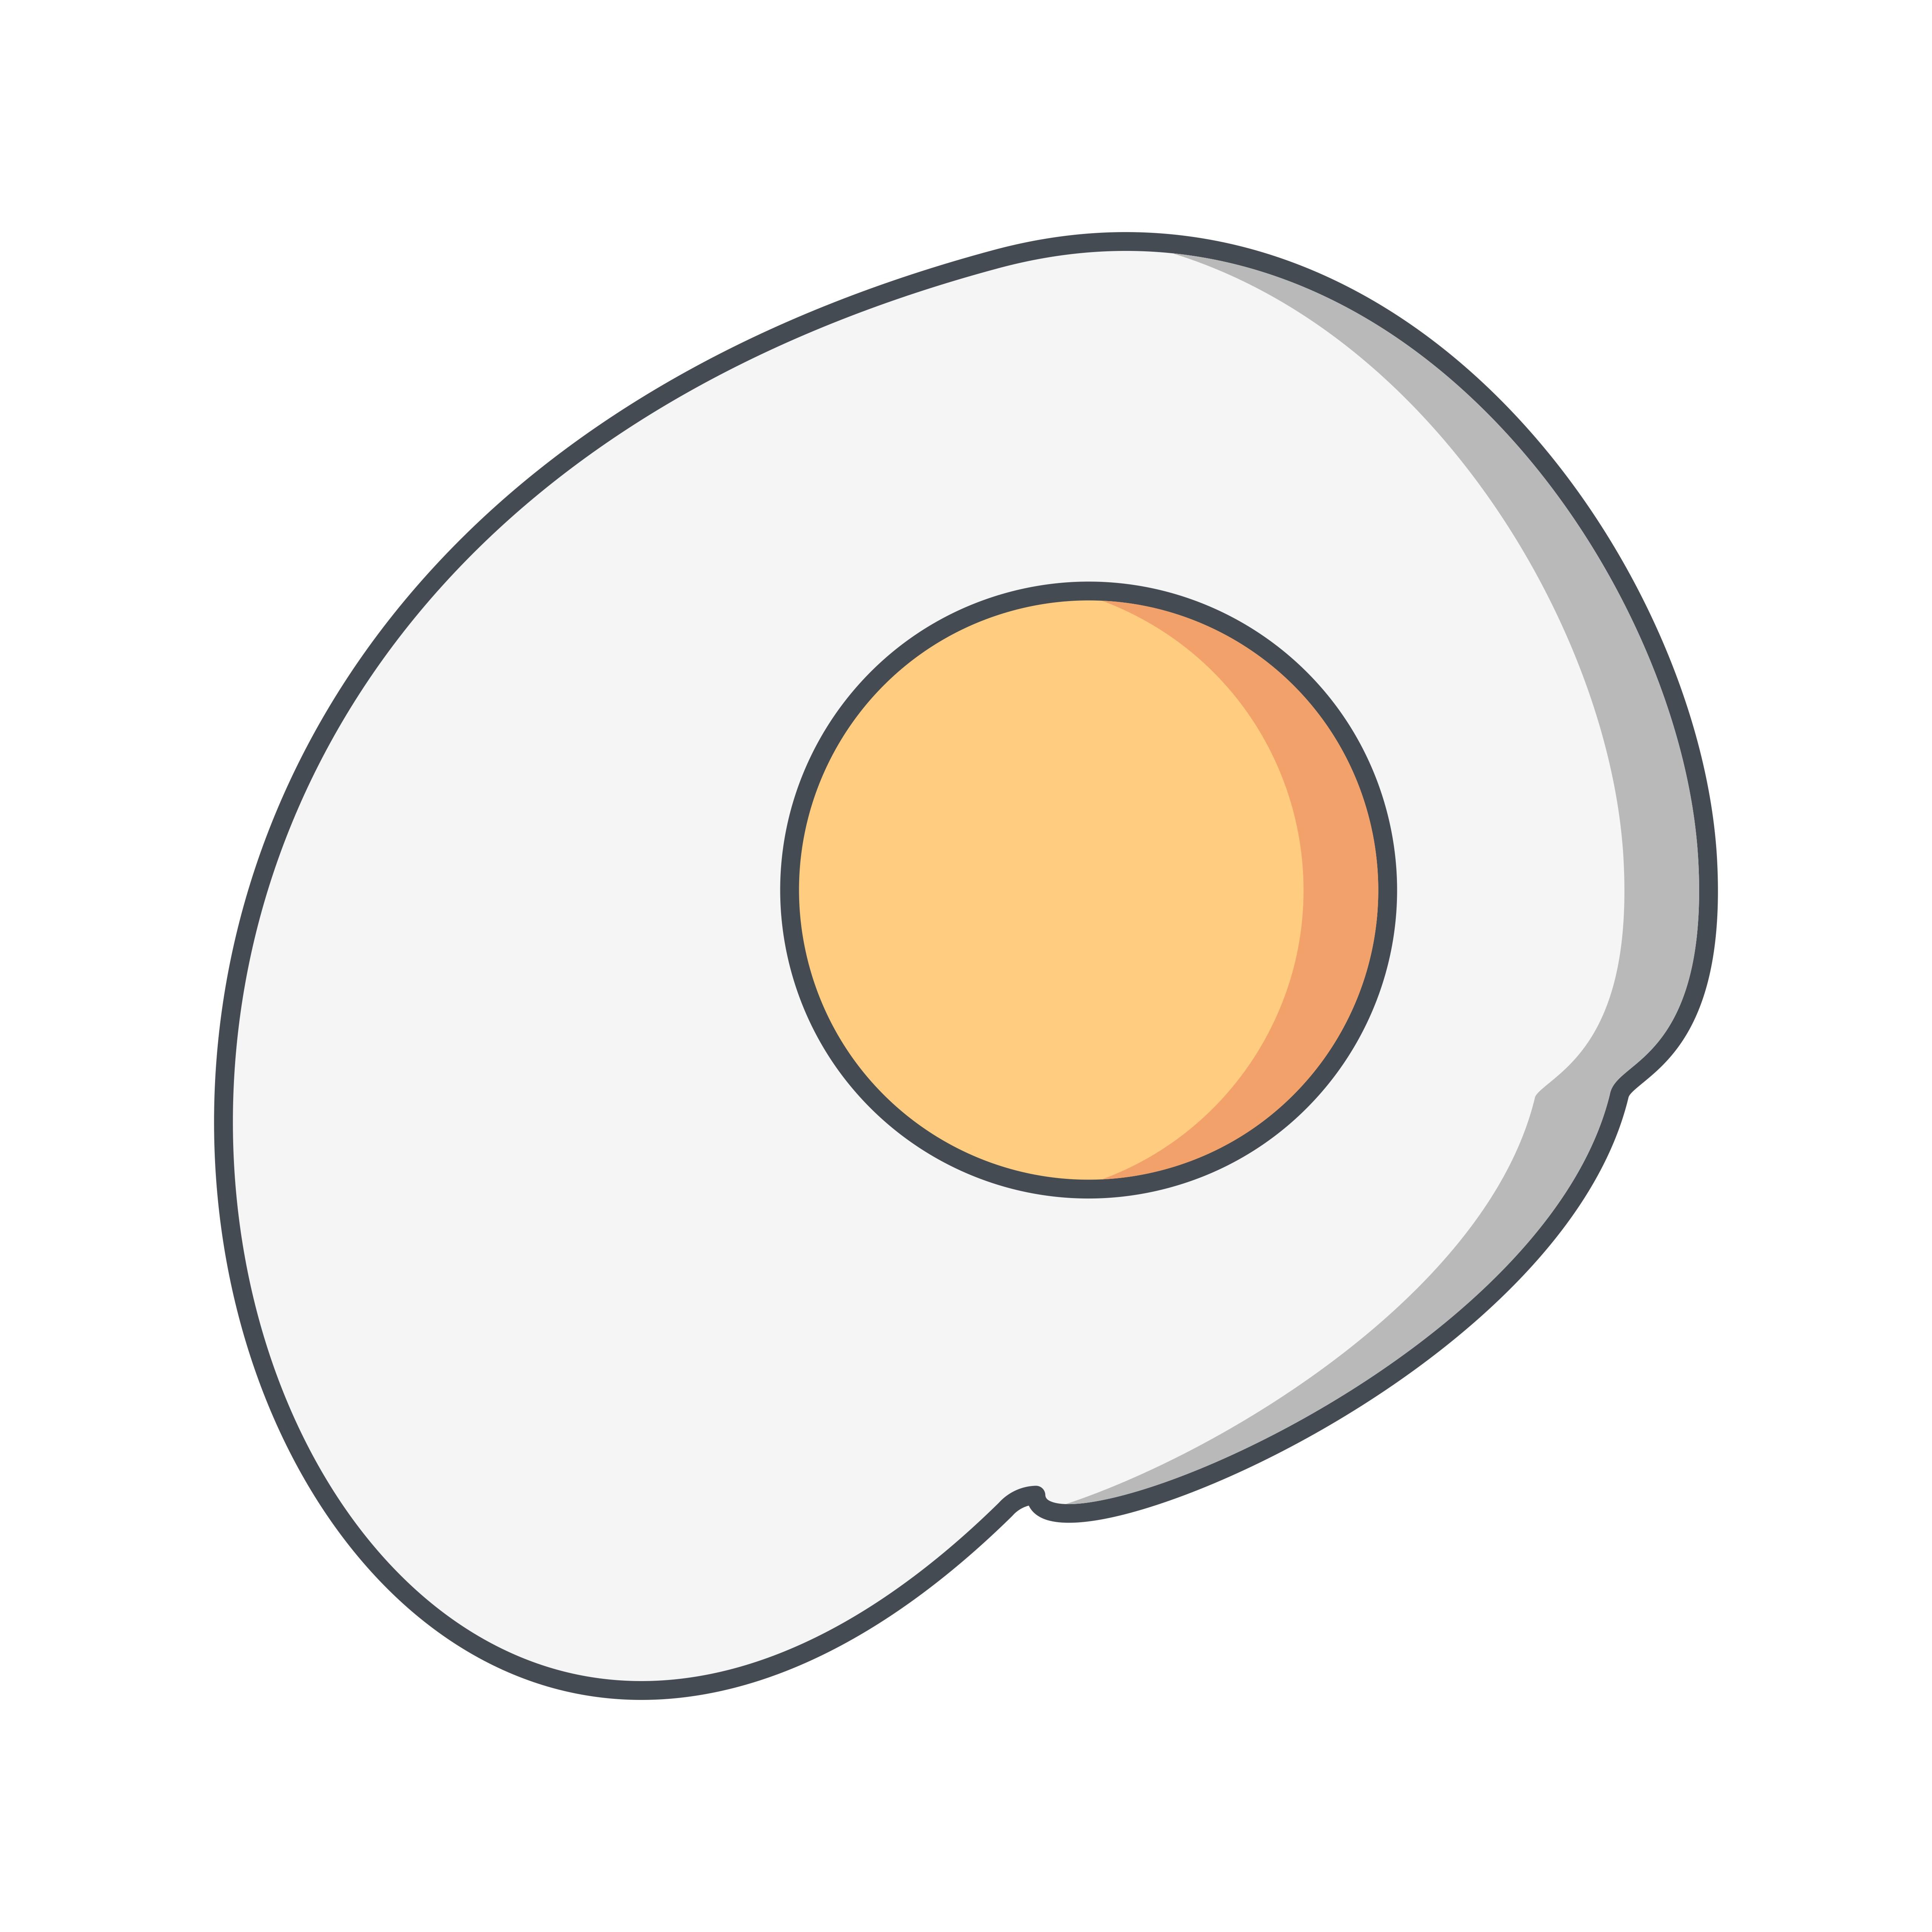 卡通蛋 免費下載 | 天天瘋後製